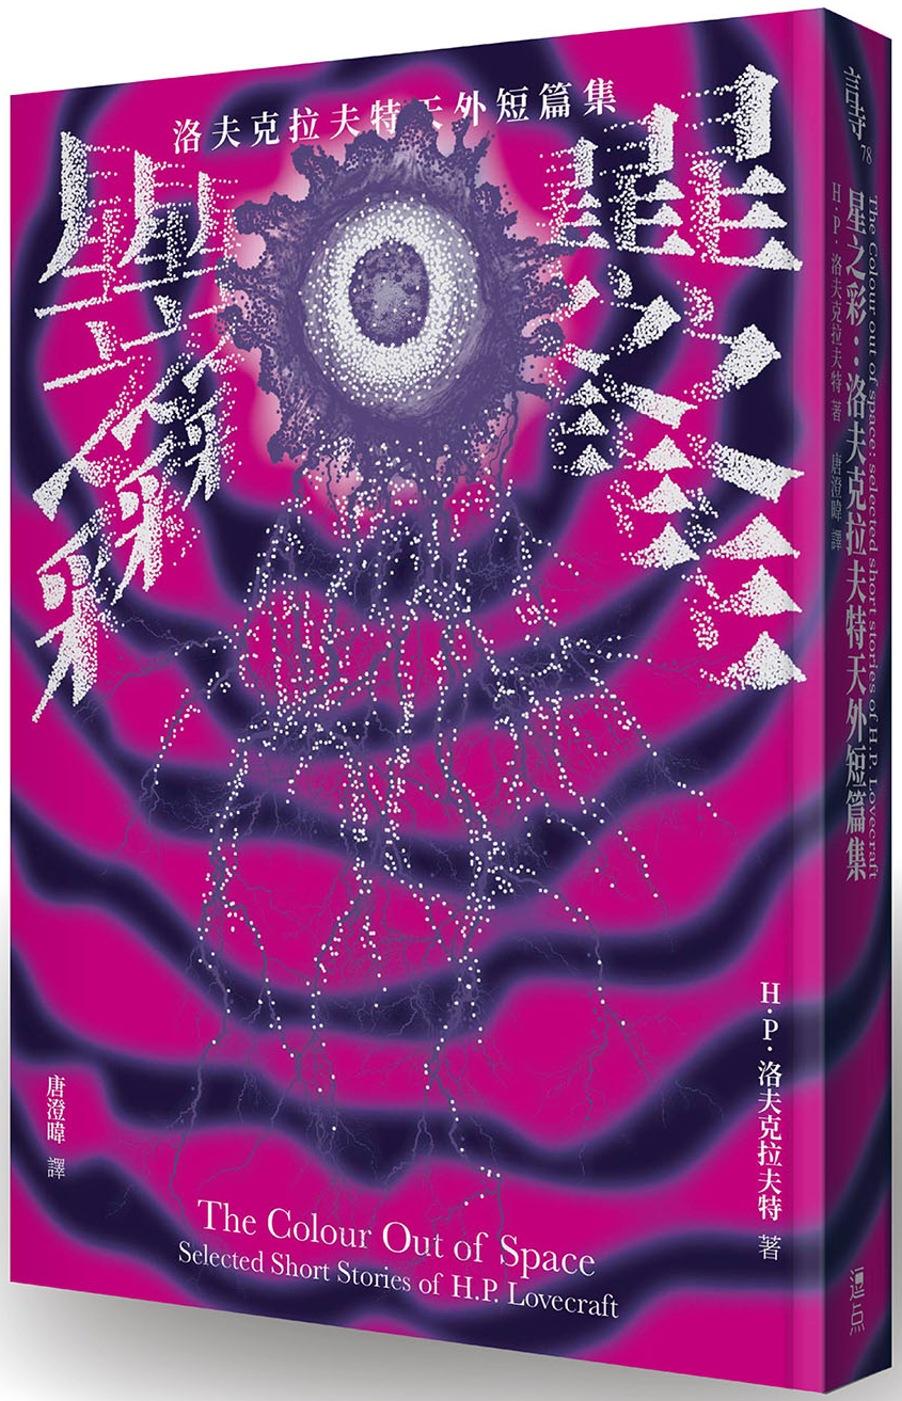 星之彩:洛夫克拉夫特天外短篇集